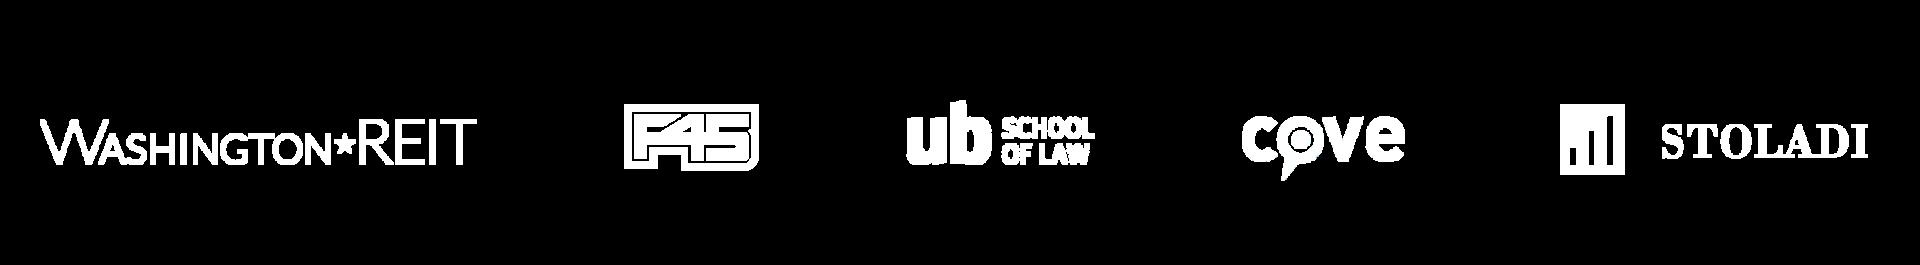 website logos in line